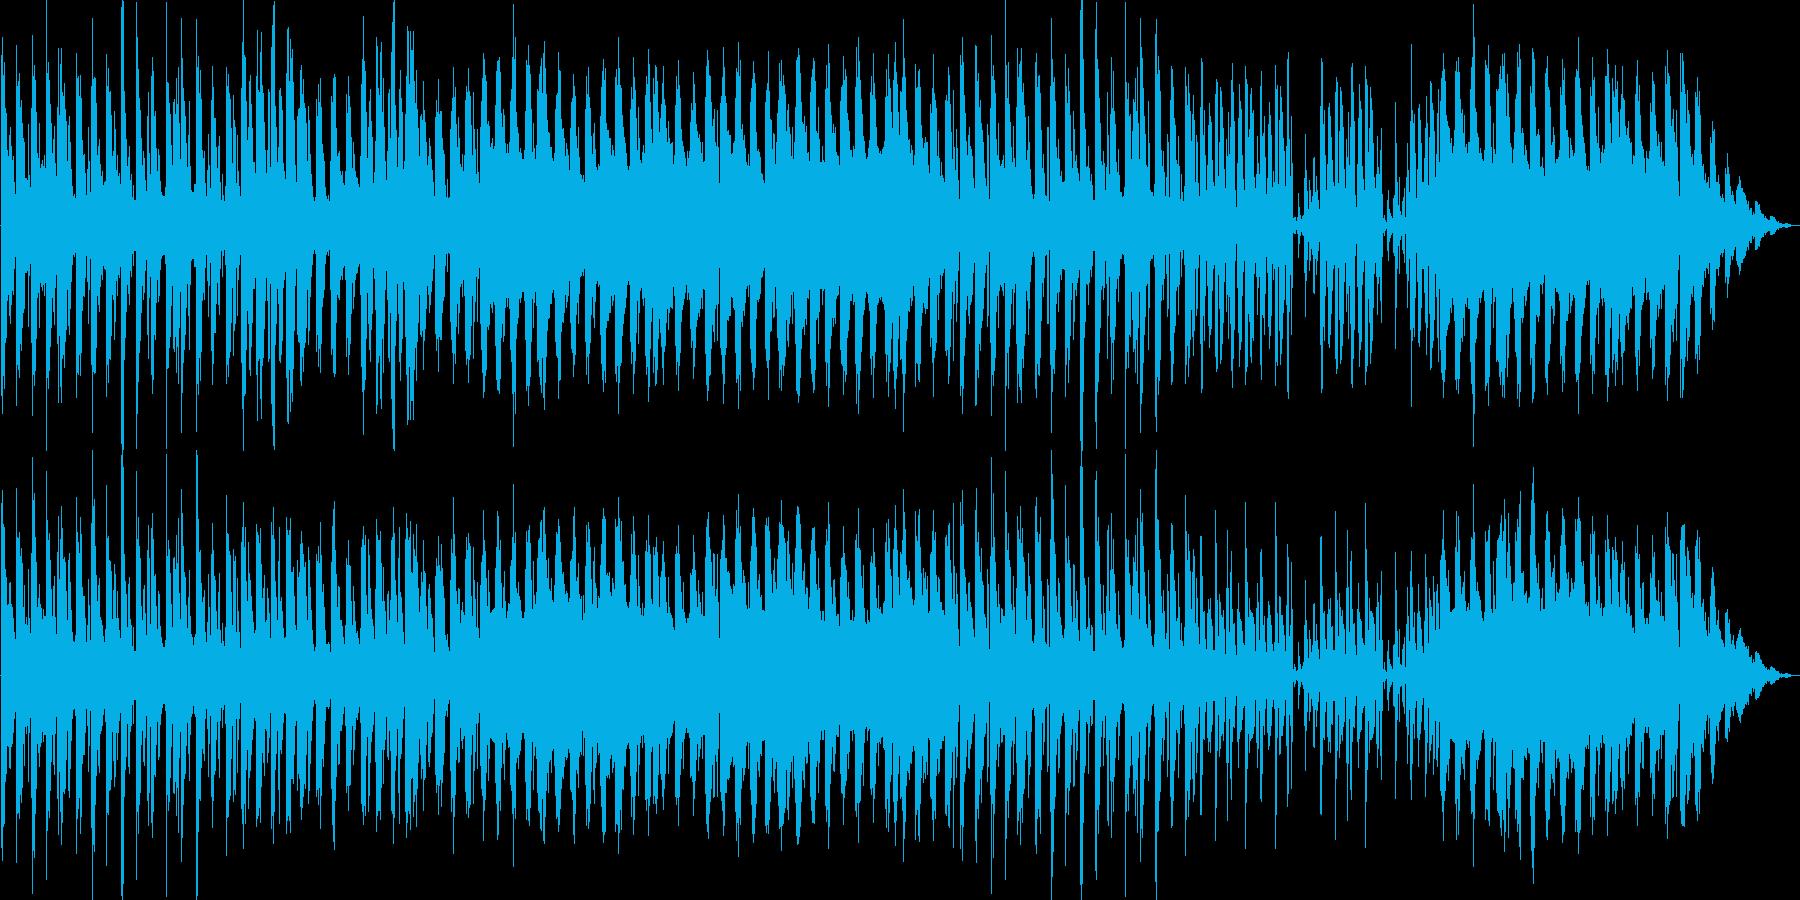 四つ打ちのシンセ系、JAZZな響きの再生済みの波形